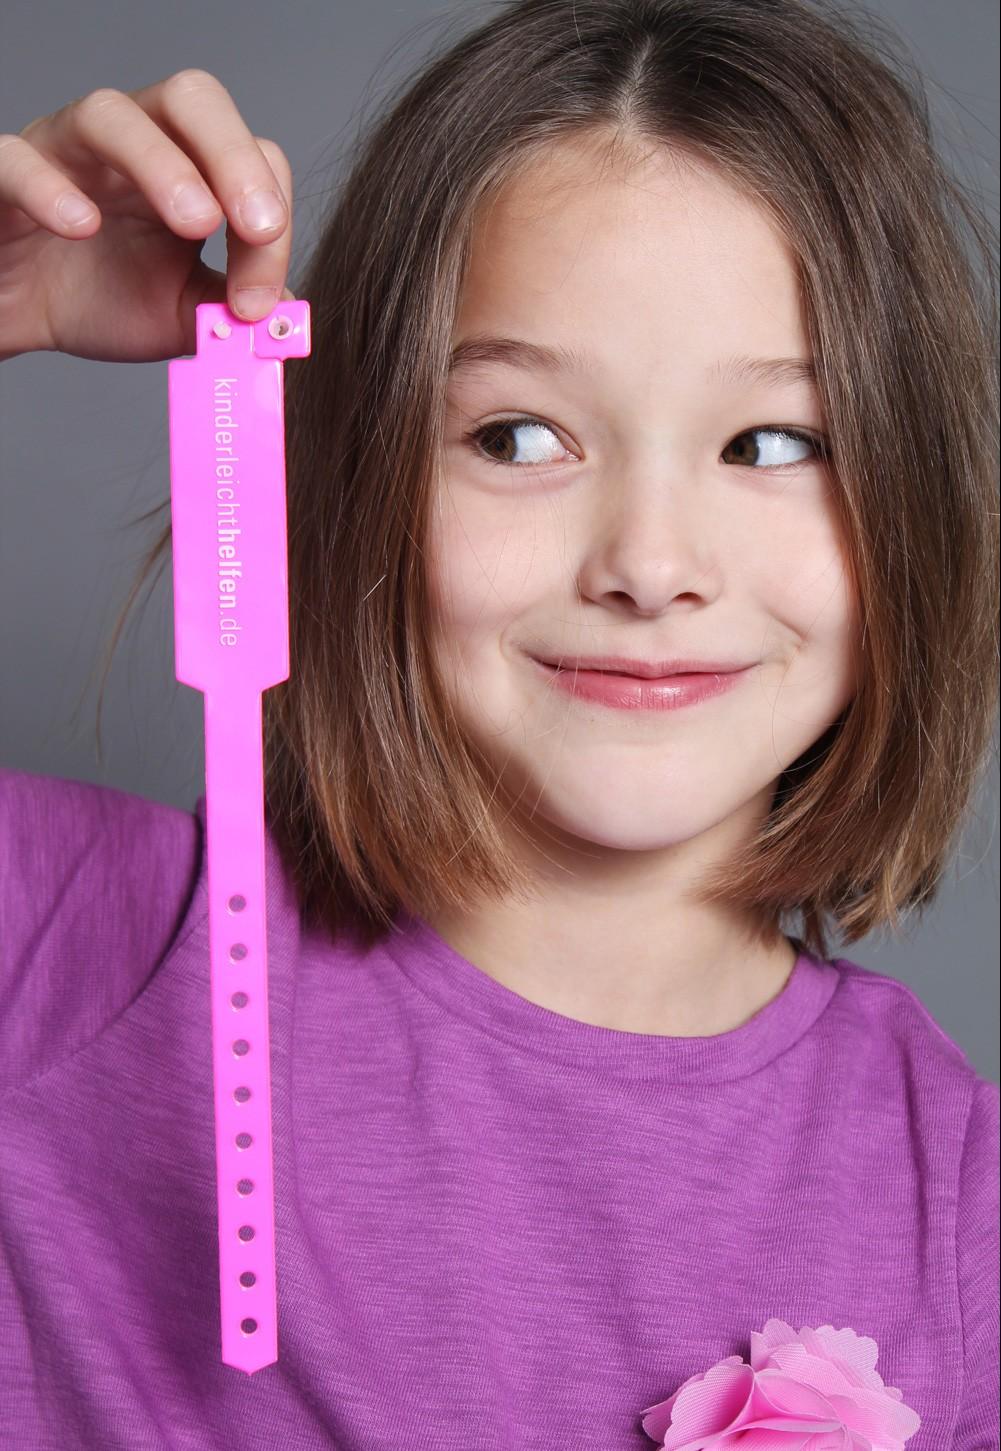 """Kindermodel fotografiert mit """"Kinderleicht helfen"""" Armbändchen"""